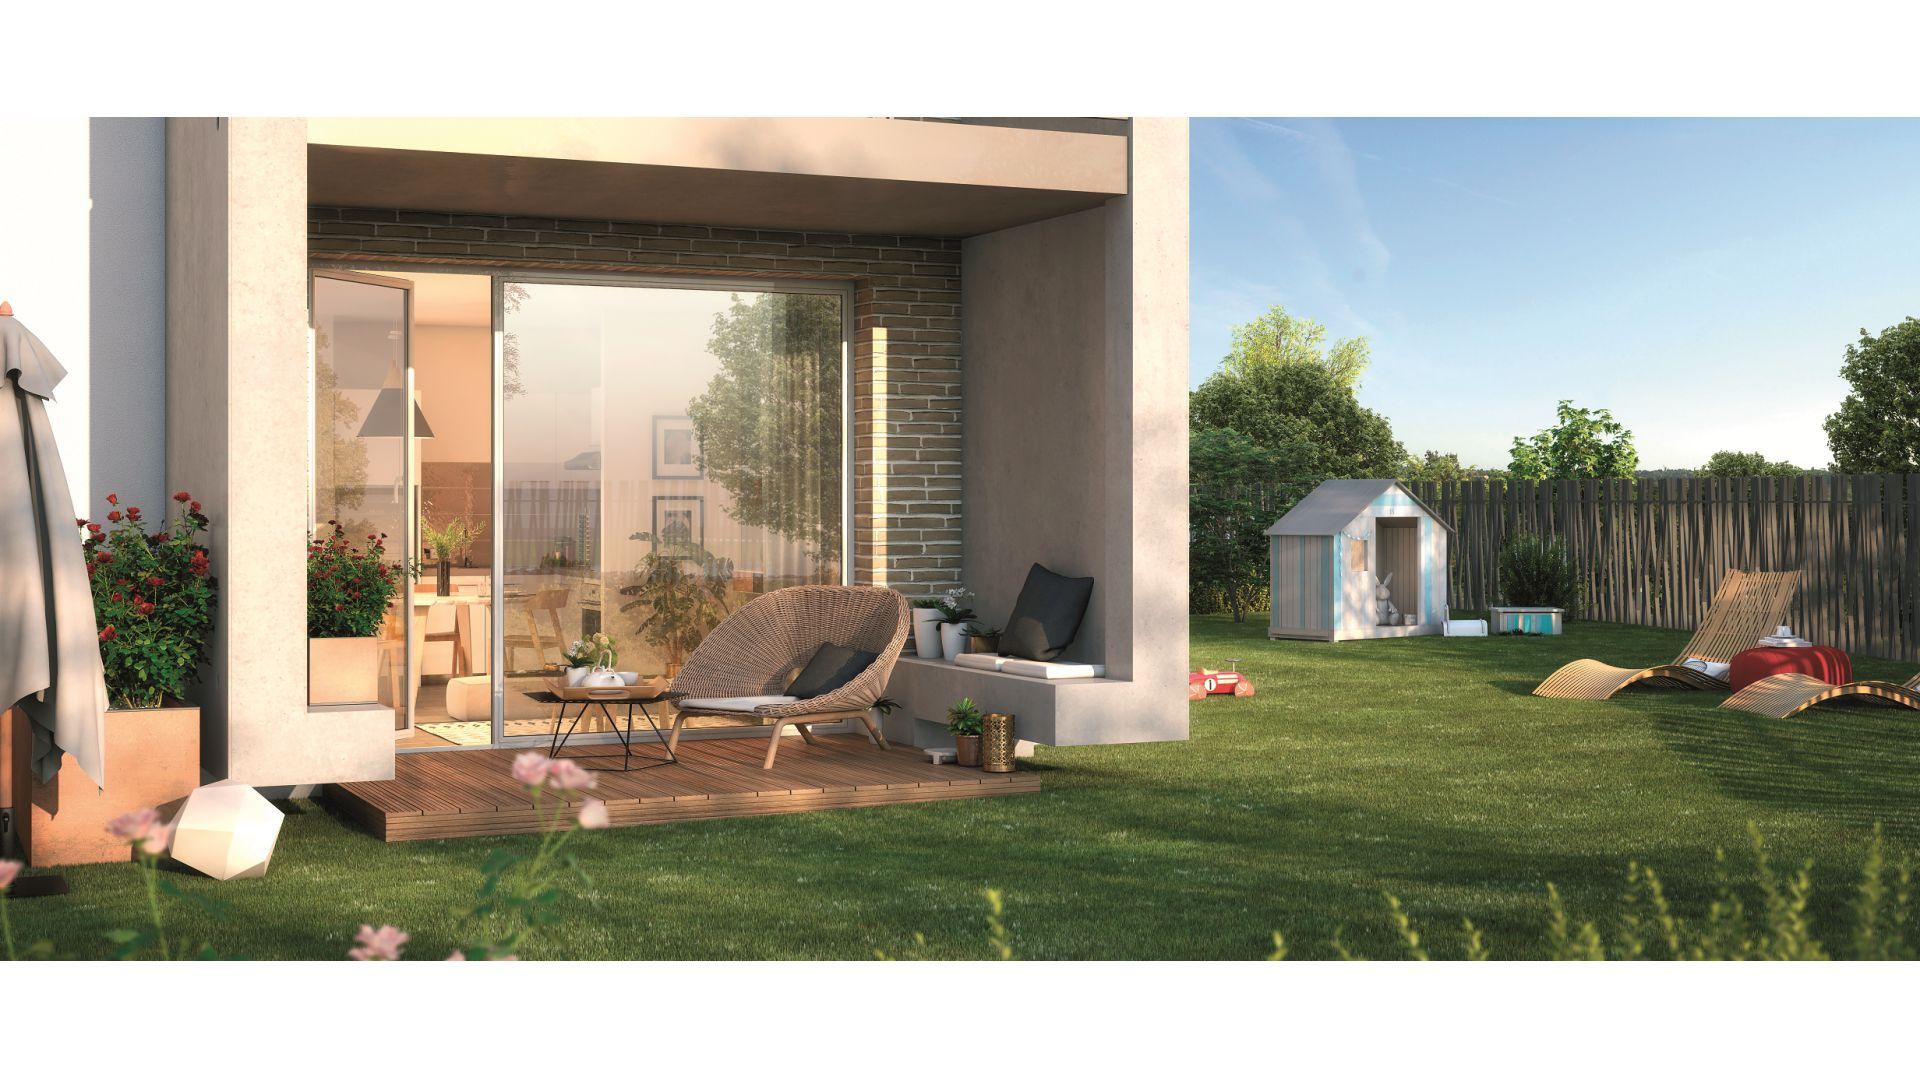 GreenCity immobilier - Frouzins - Résidence Cours du Lac - 31270 - appartements neufs du T1bis au T3  - vue terrasse